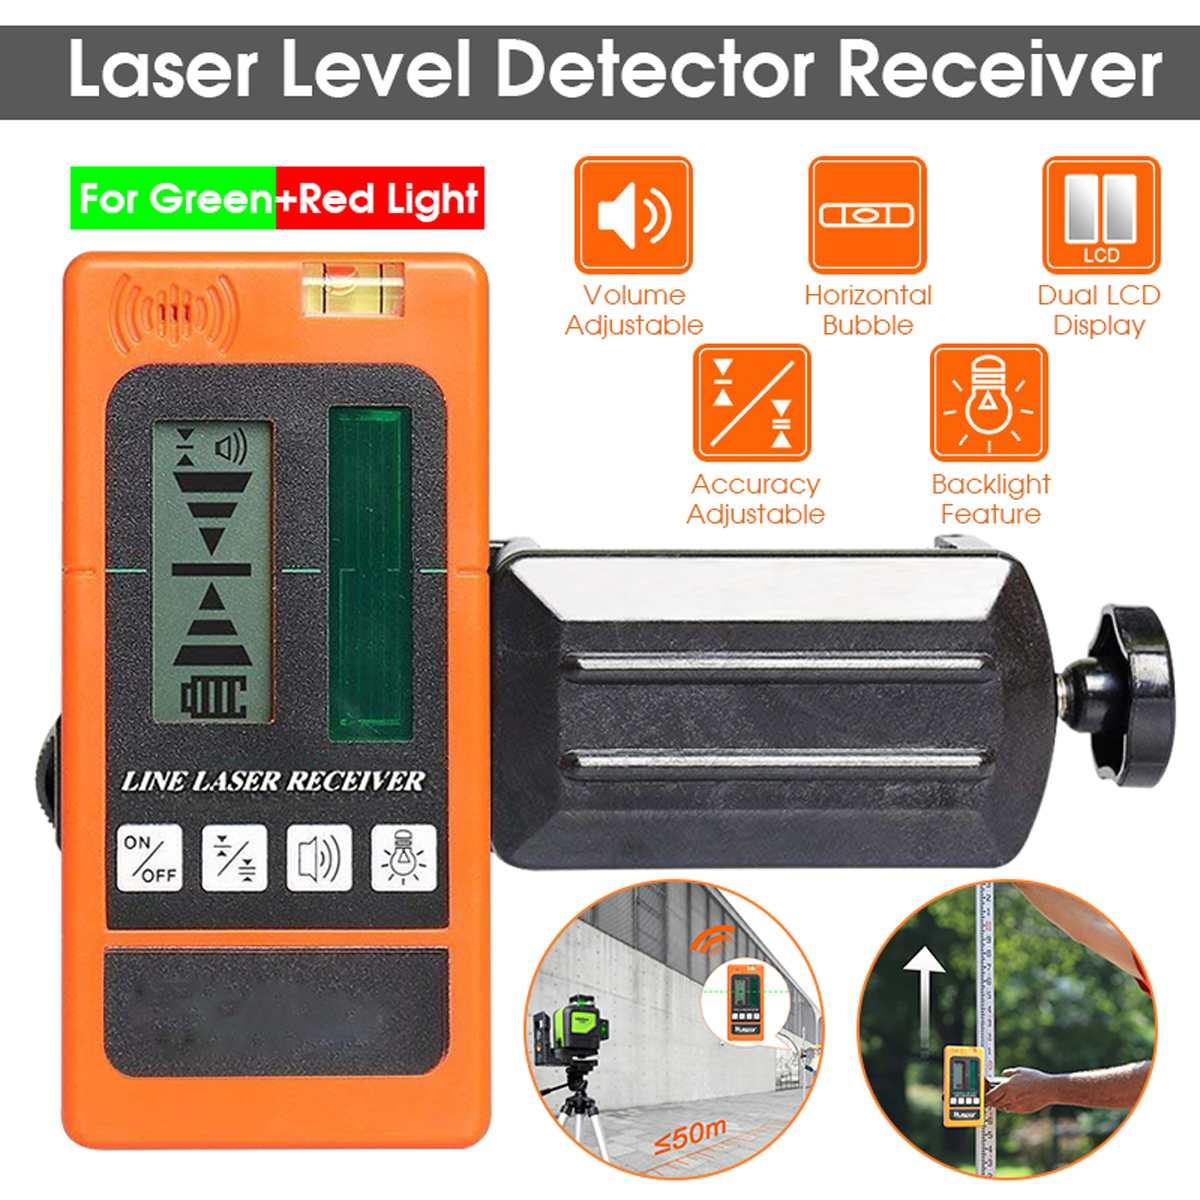 Receptor de Detector de nivel láser, Nivelado electrónico de interior, 2/5/12 líneas, Horizontal Vertical, para luz roja/verde 5 unidades/unids/lote 650nm 5 mW Módulo de línea láser rojo 3VDC 120 grados C 12X35mm